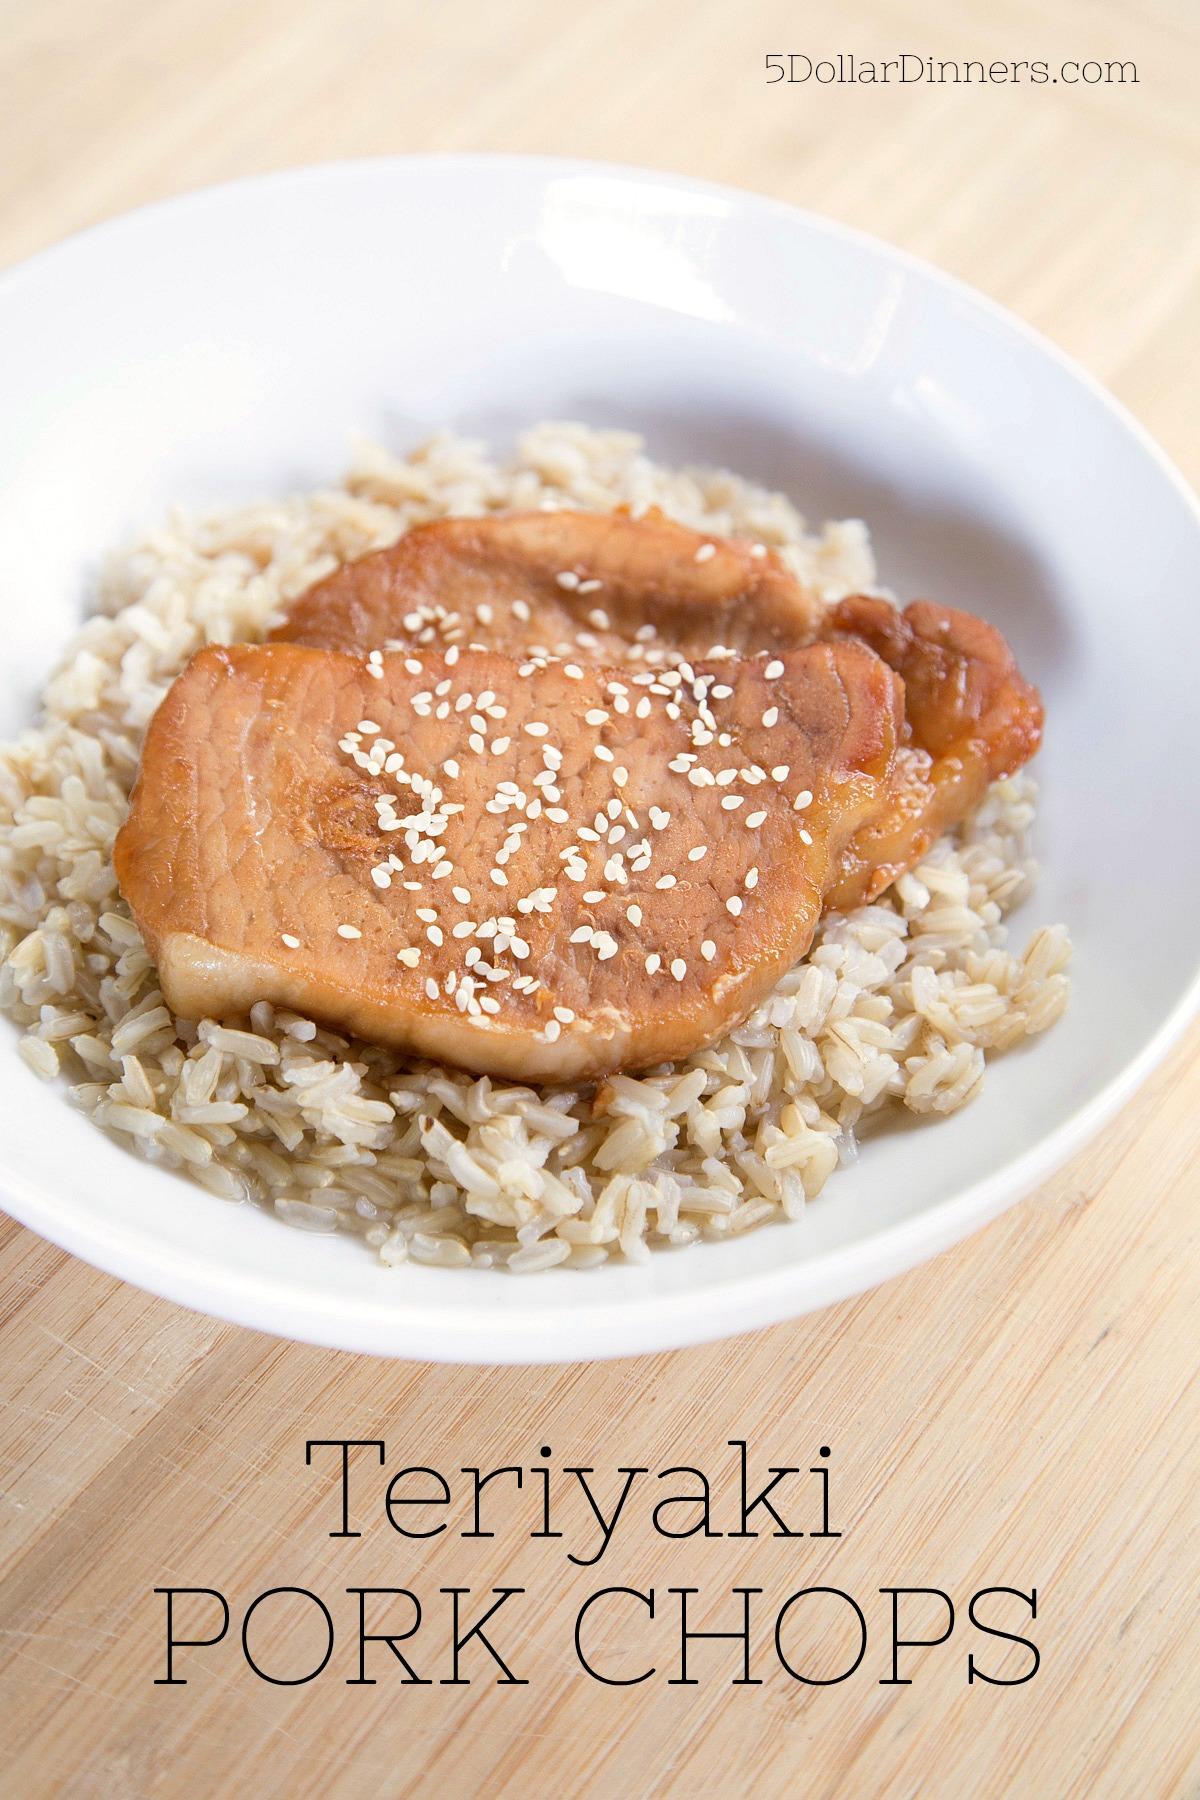 Teriyaki Pork Chops